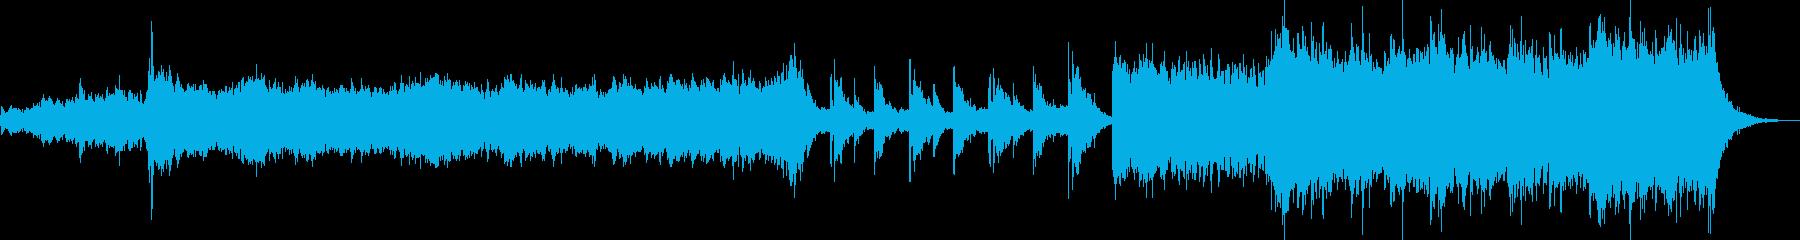 重厚感と迫力のあるオーケストラの再生済みの波形